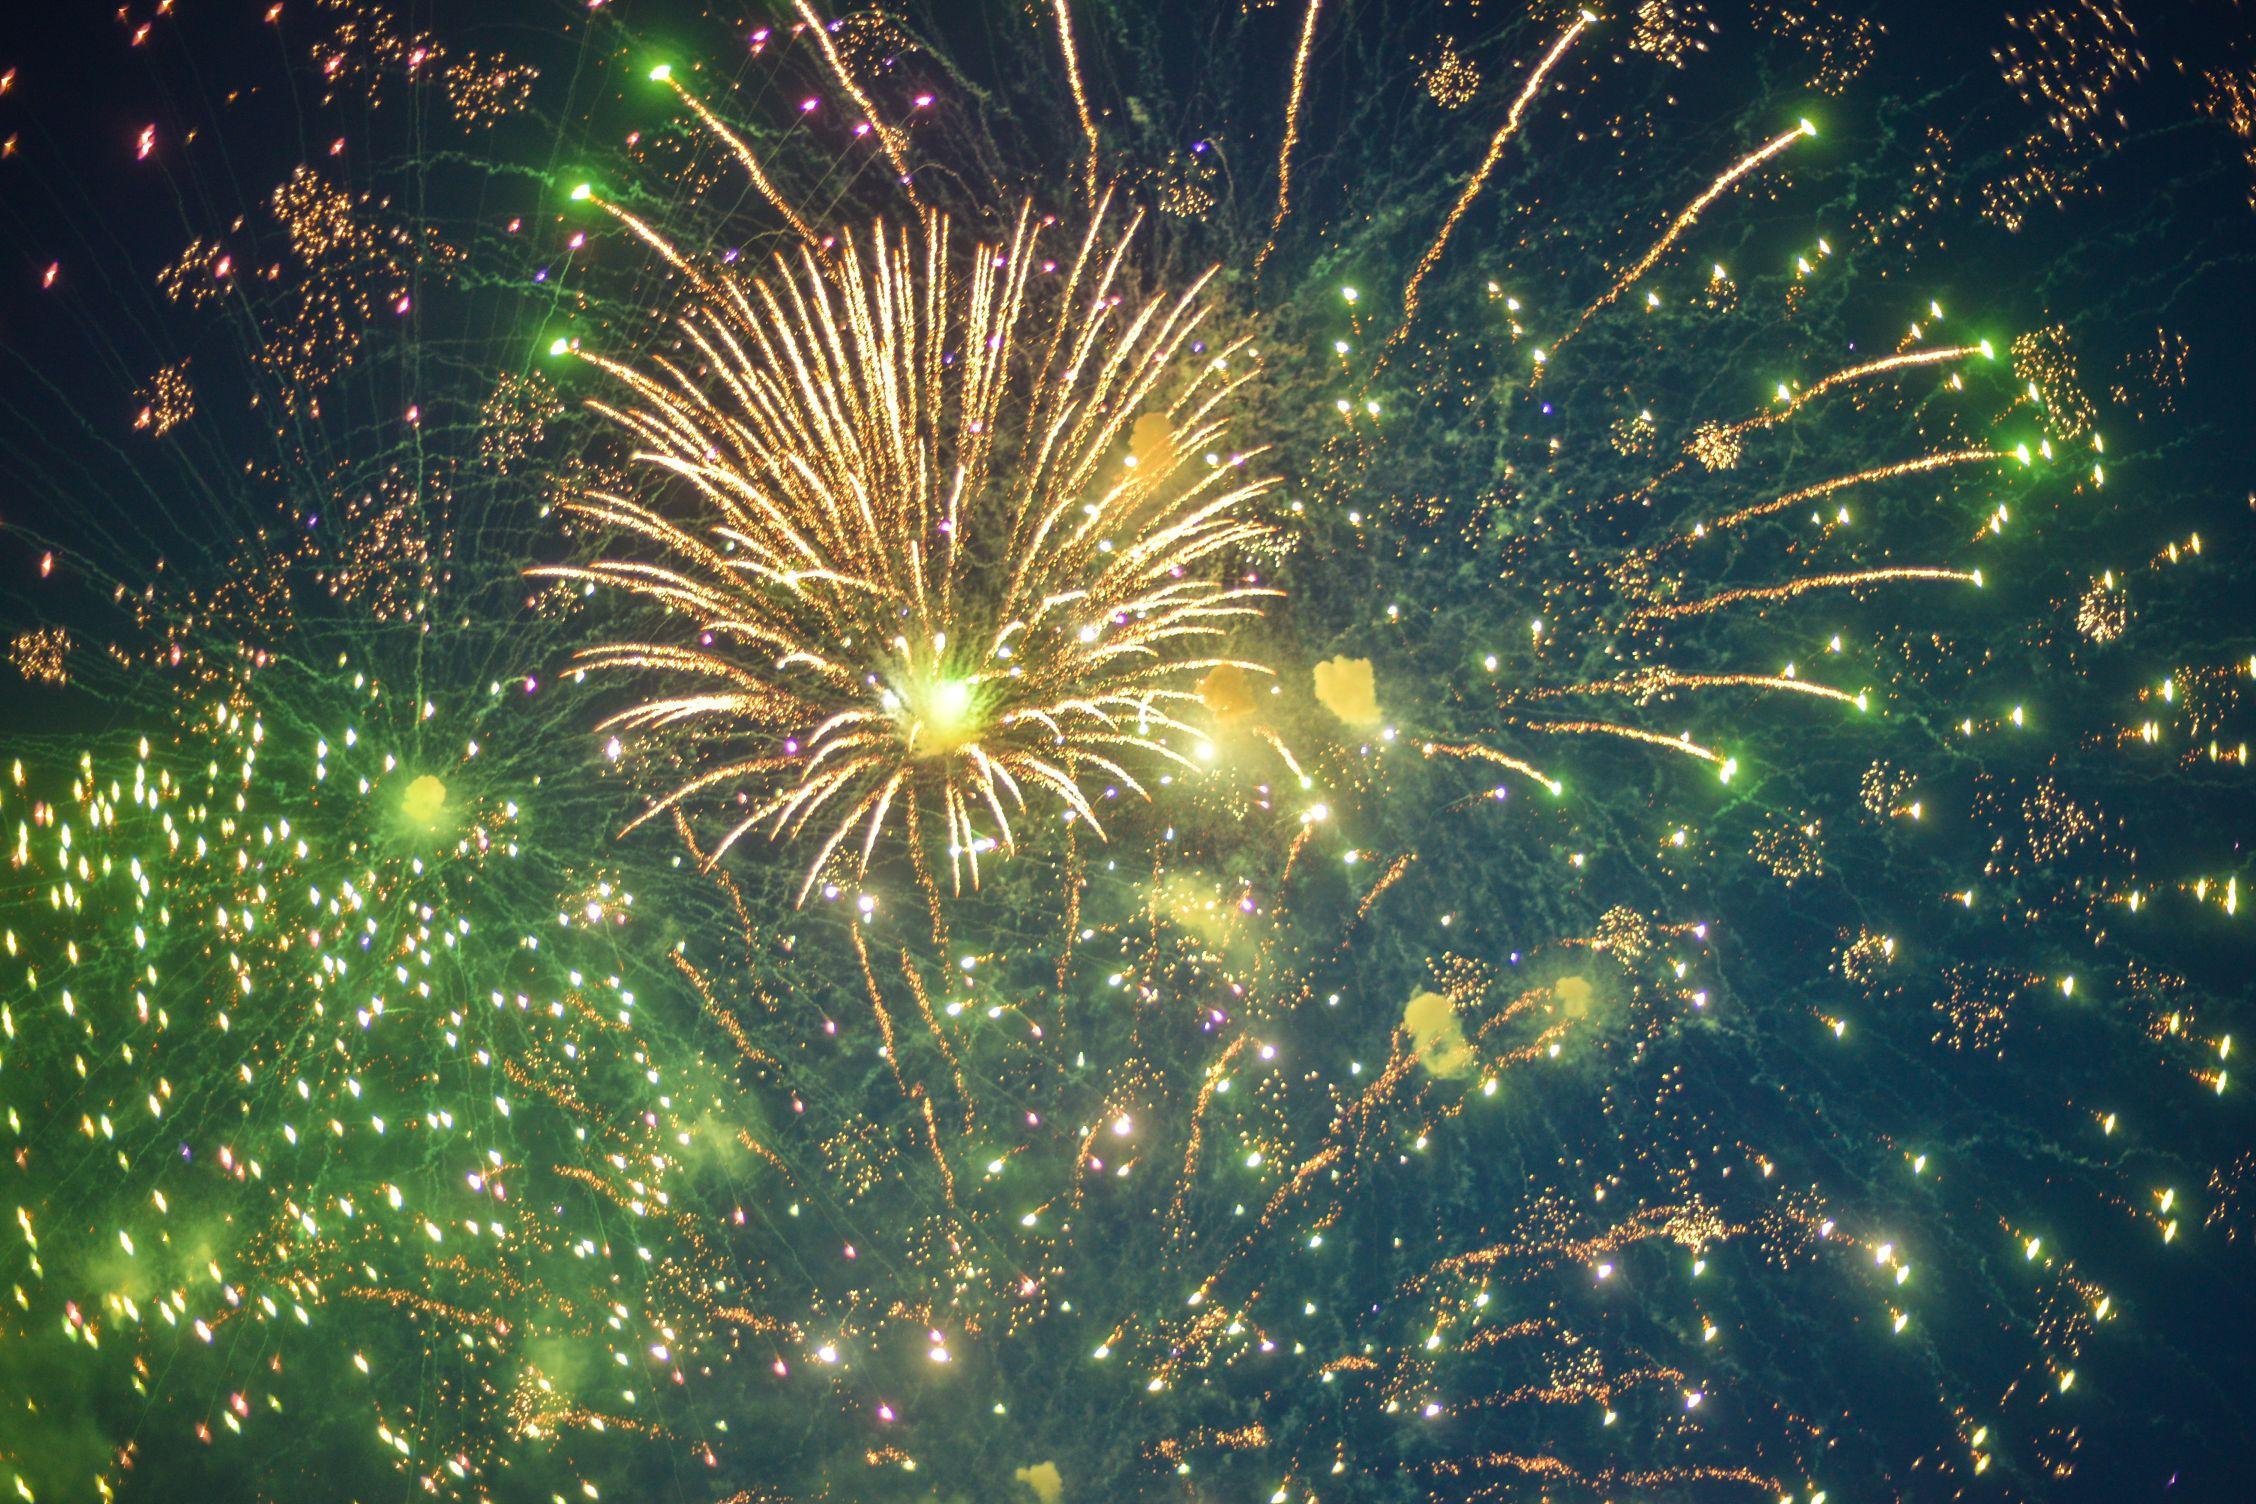 Из-за коронавируса в Петербурге отменили новогодний салют